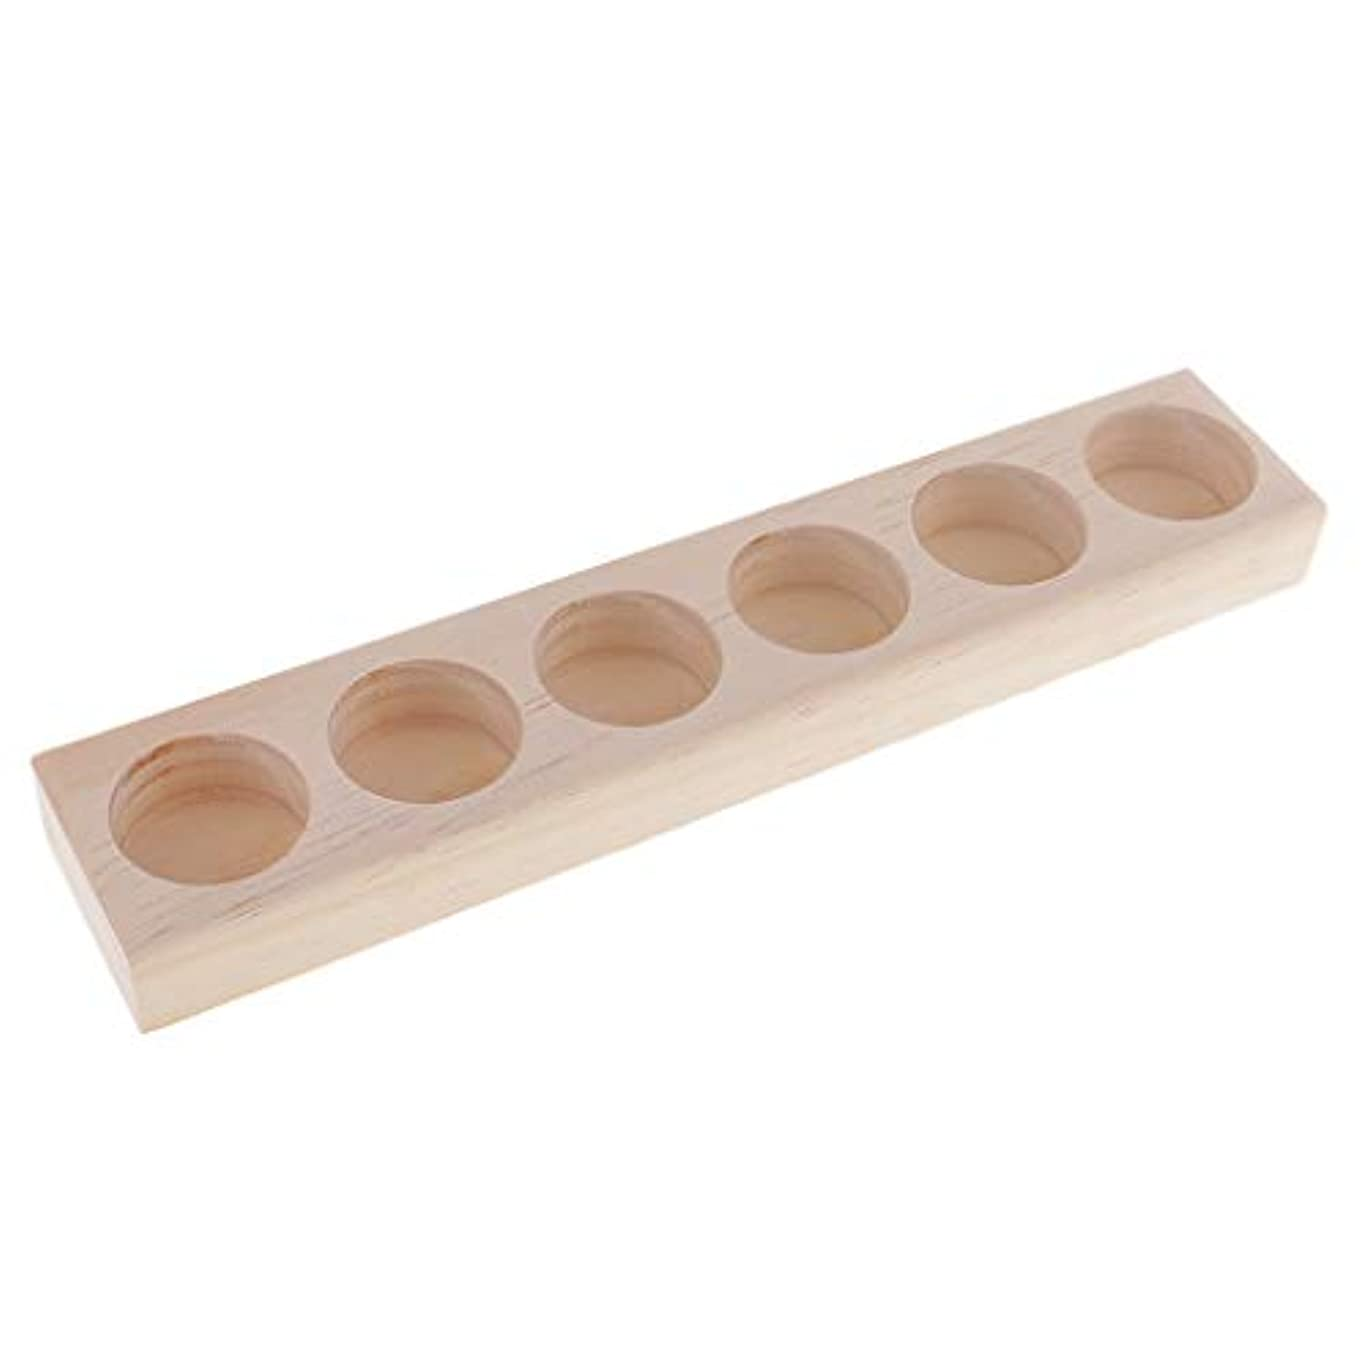 敷居暴露するリブFenteer エッセンシャルオイル 収納ラック 木製 精油 オーガナイザー ジュエリー 化粧品 収納用品